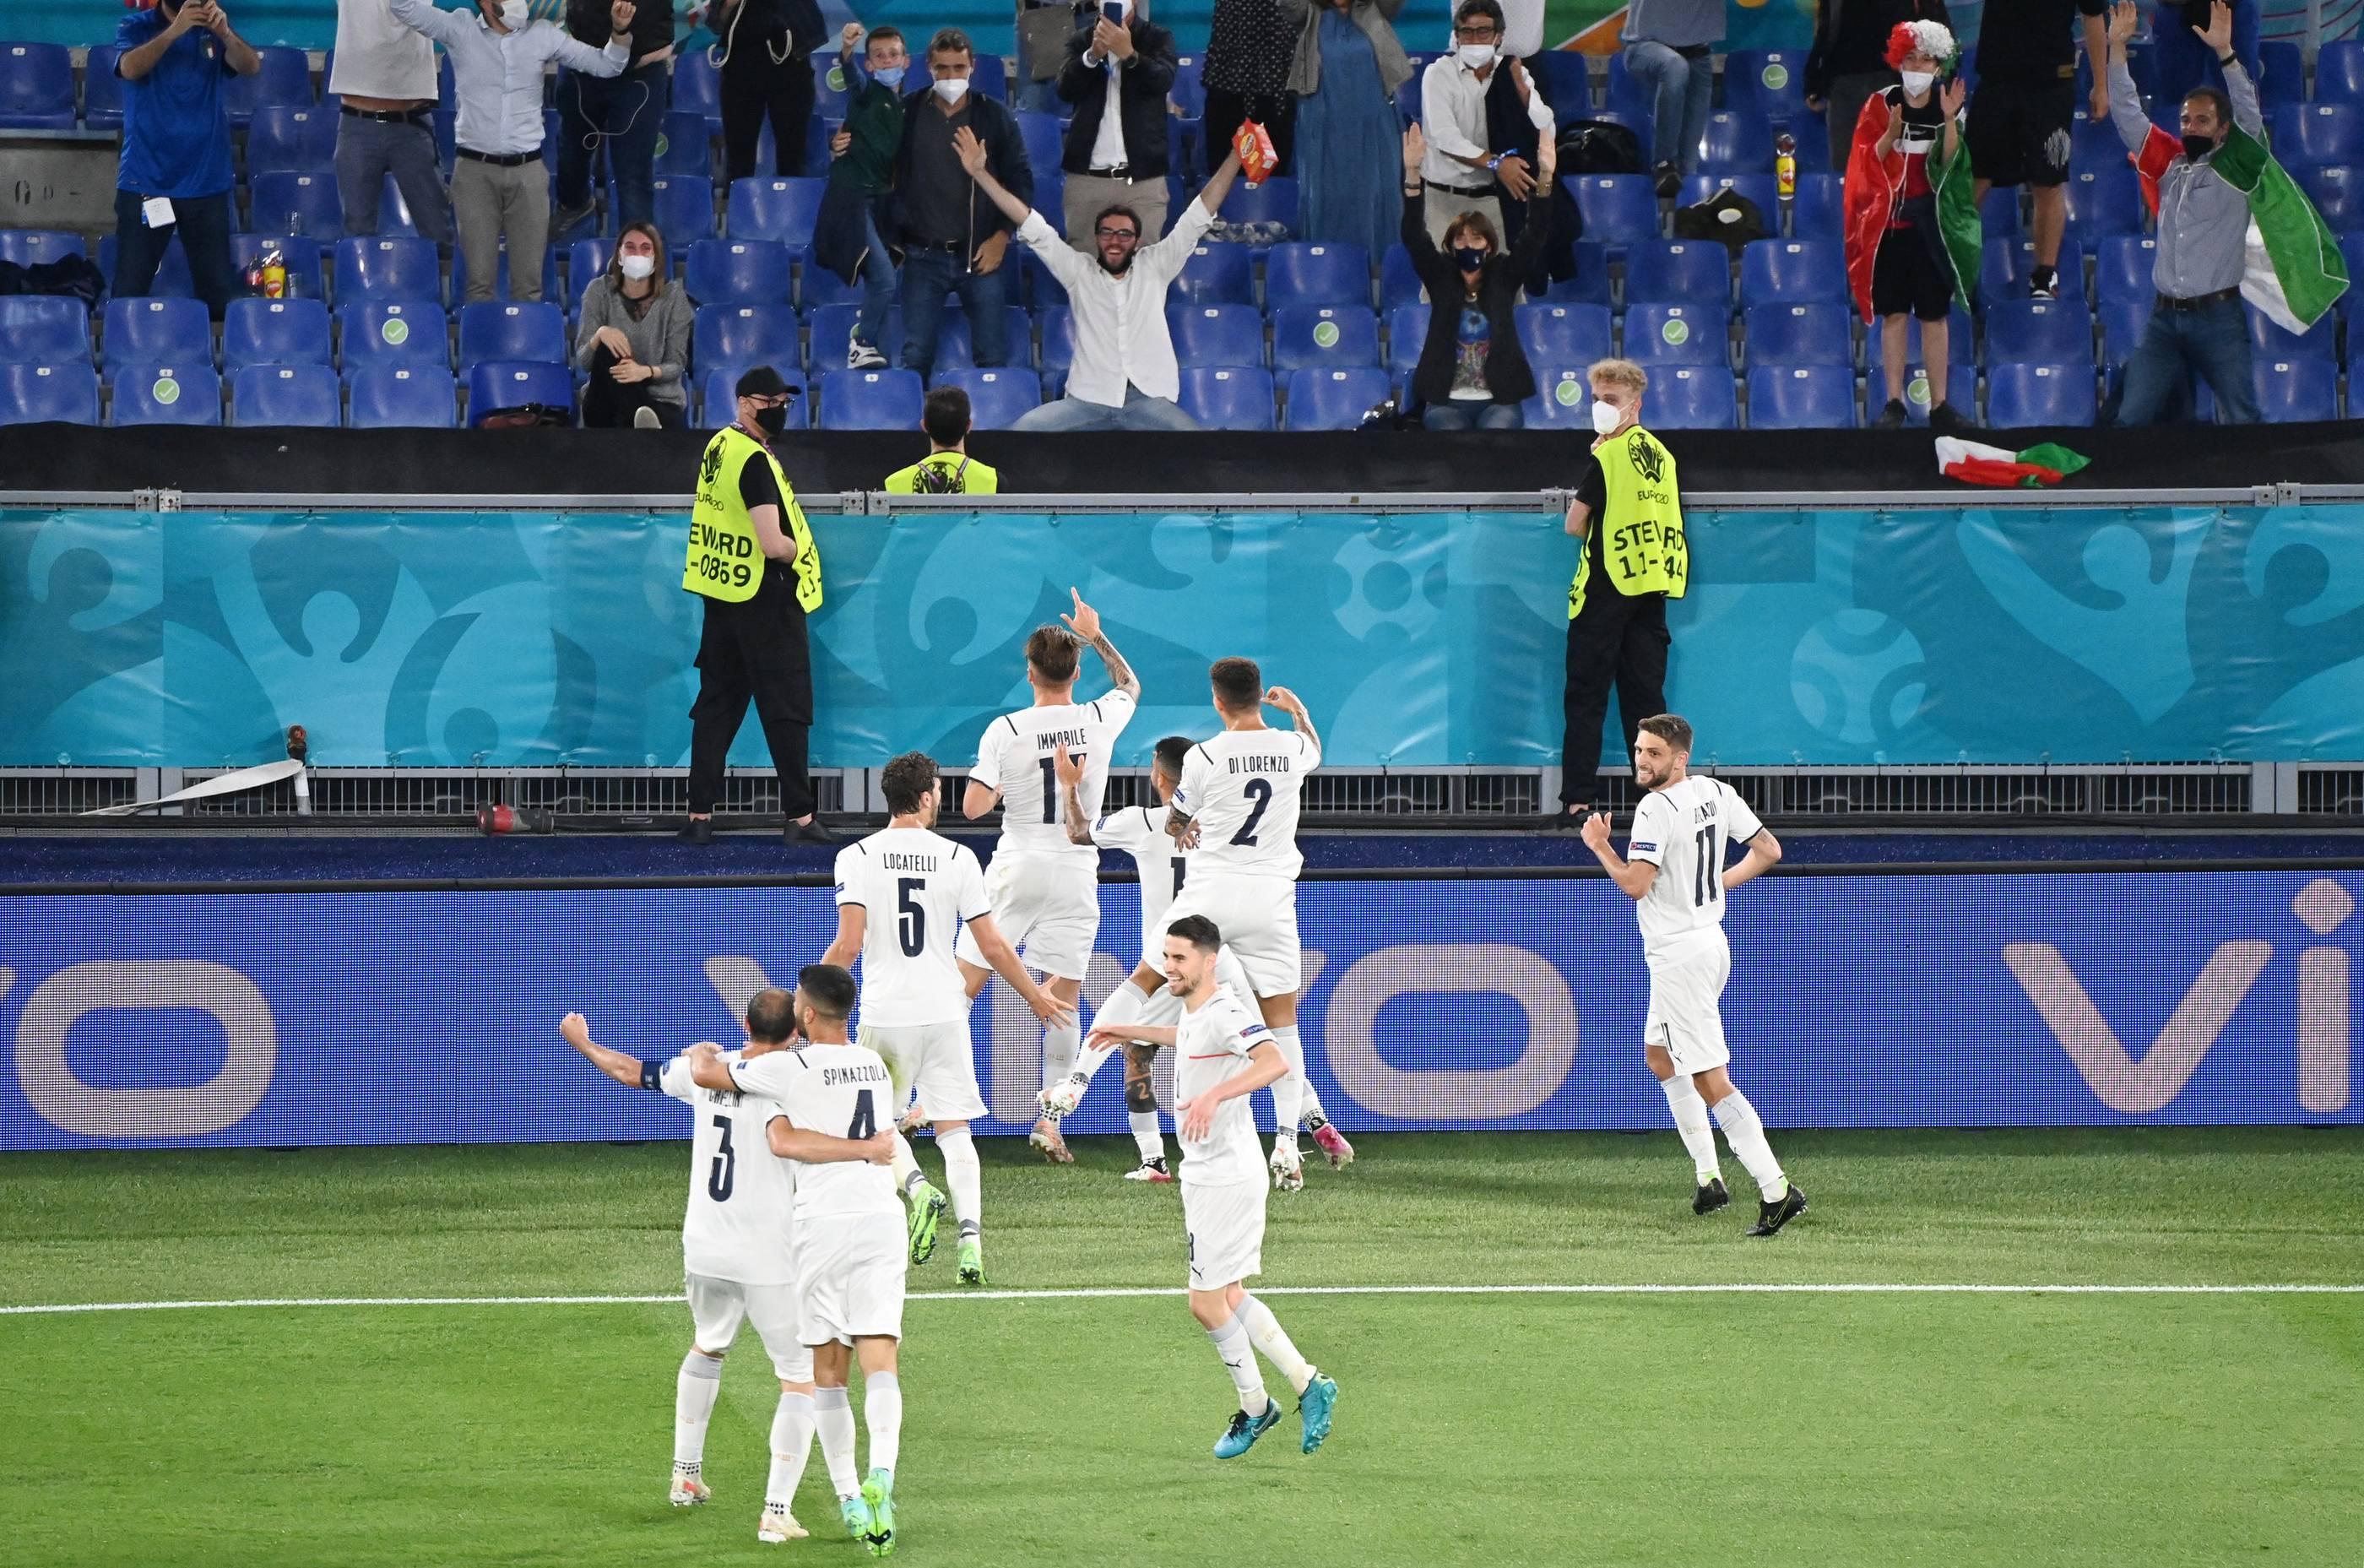 Pressestimmen zum Eröffnungsspiel der EM